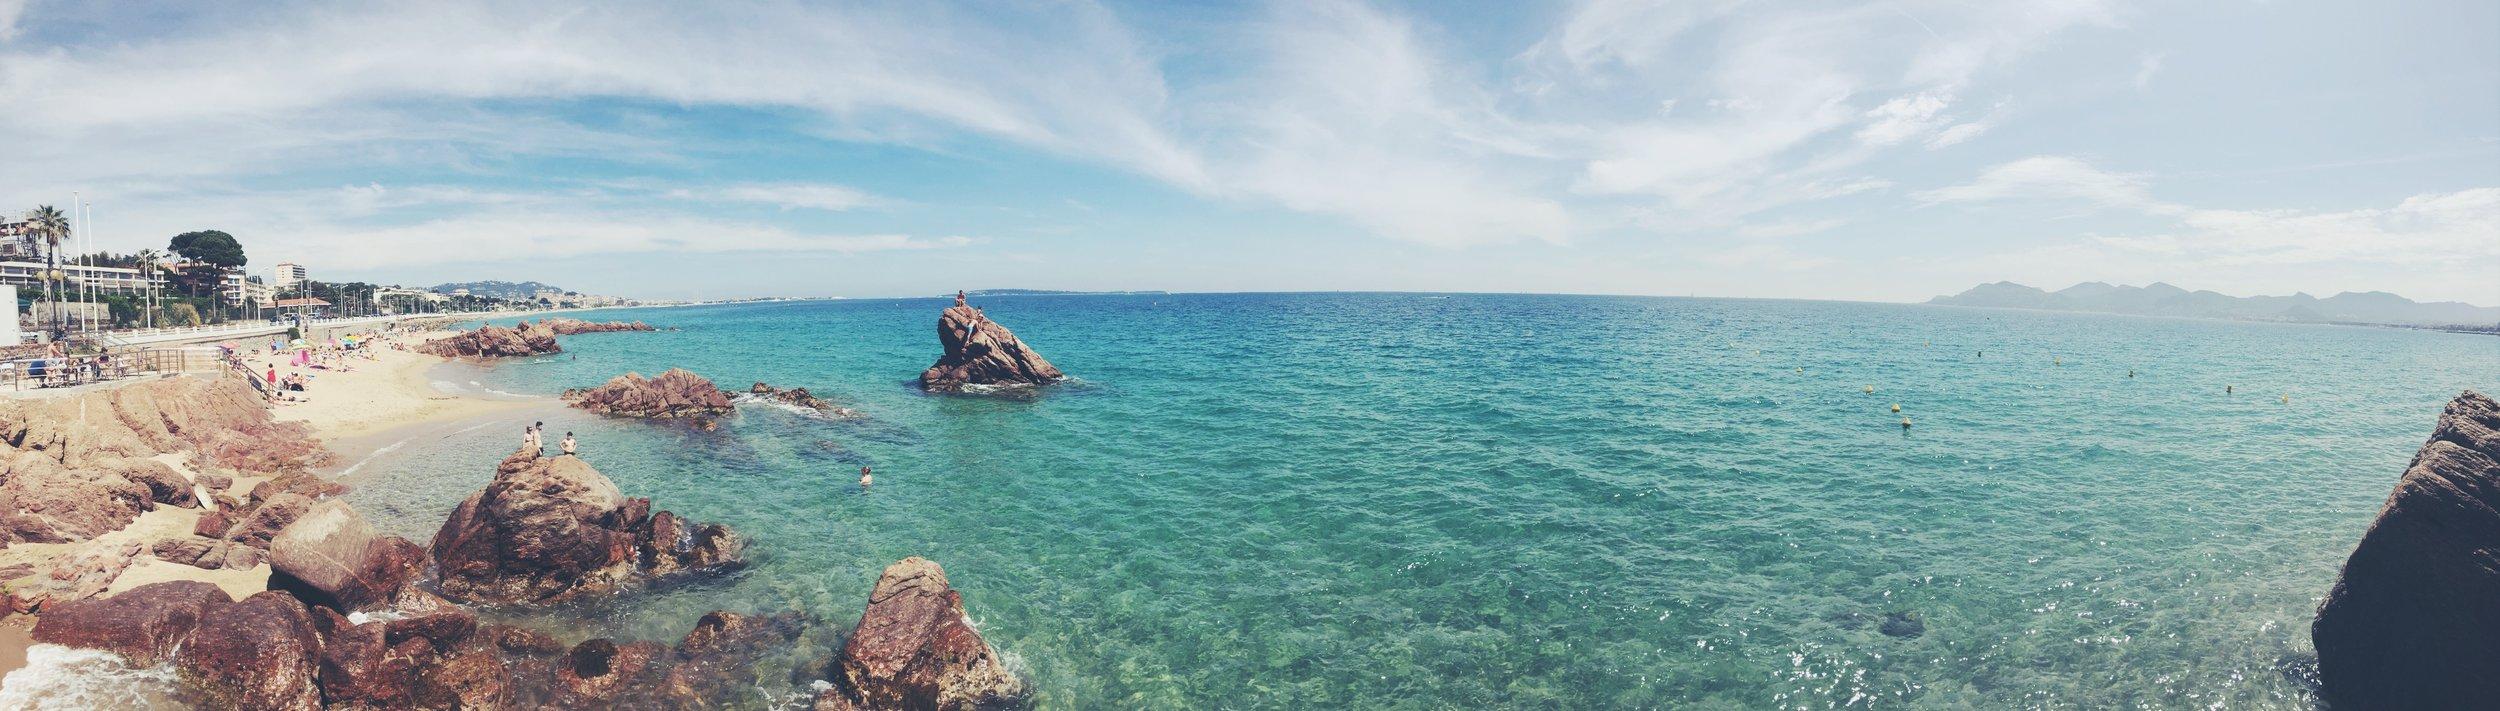 Mediterranean, 2016.